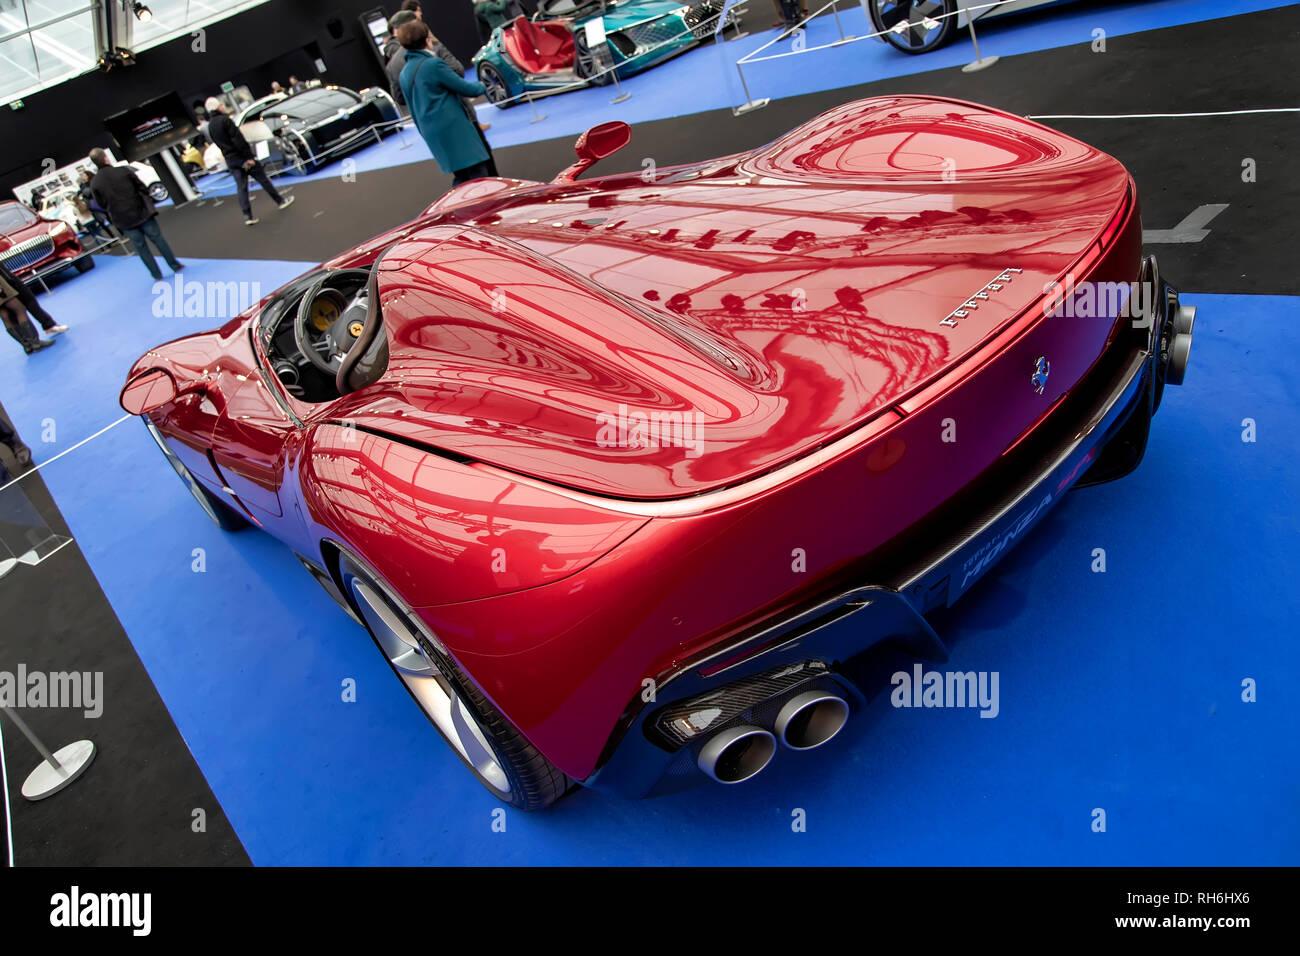 Parigi, Francia. 31 gennaio, 2019. A Monza la Ferrari SP1 prototipo - La International Automobile Festival riunisce a Parigi le più belle concept car realizzata dai costruttori di automobili, dal 30 di gennaio-febbraio 31st, 2019. Credito: Bernard Menigault/Alamy Live News Immagini Stock